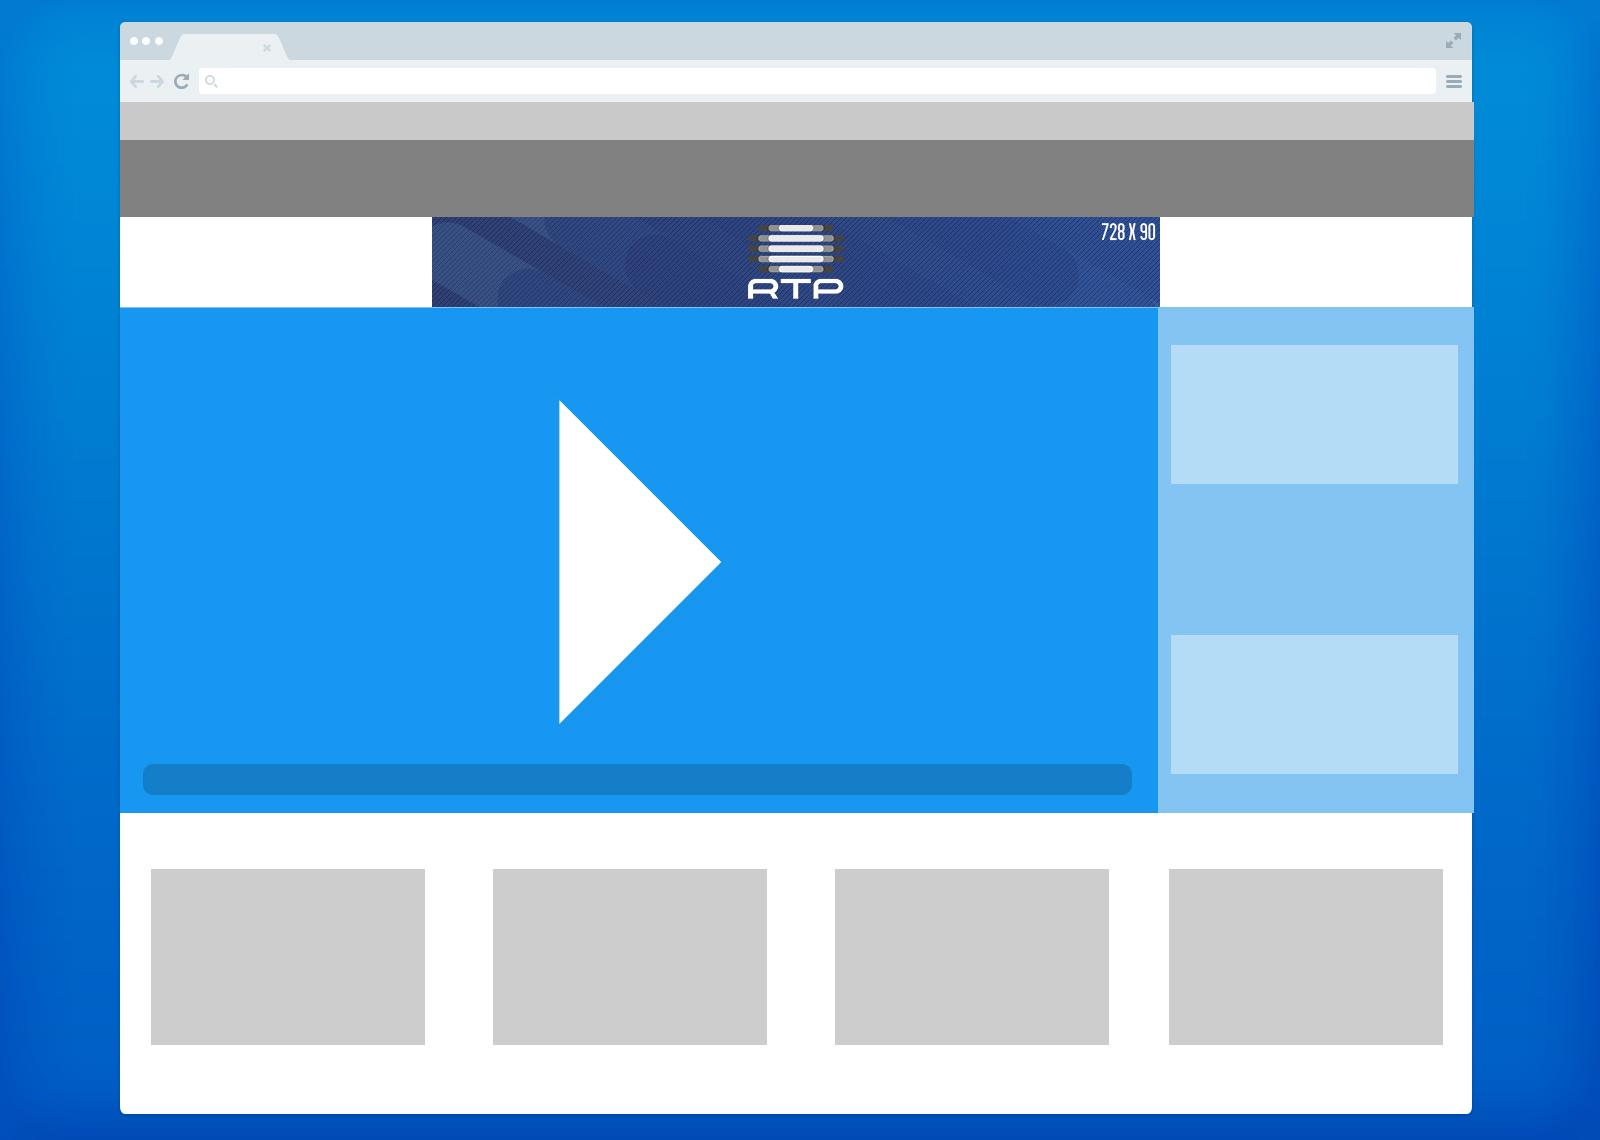 mockup_leaderboard_play_728x90